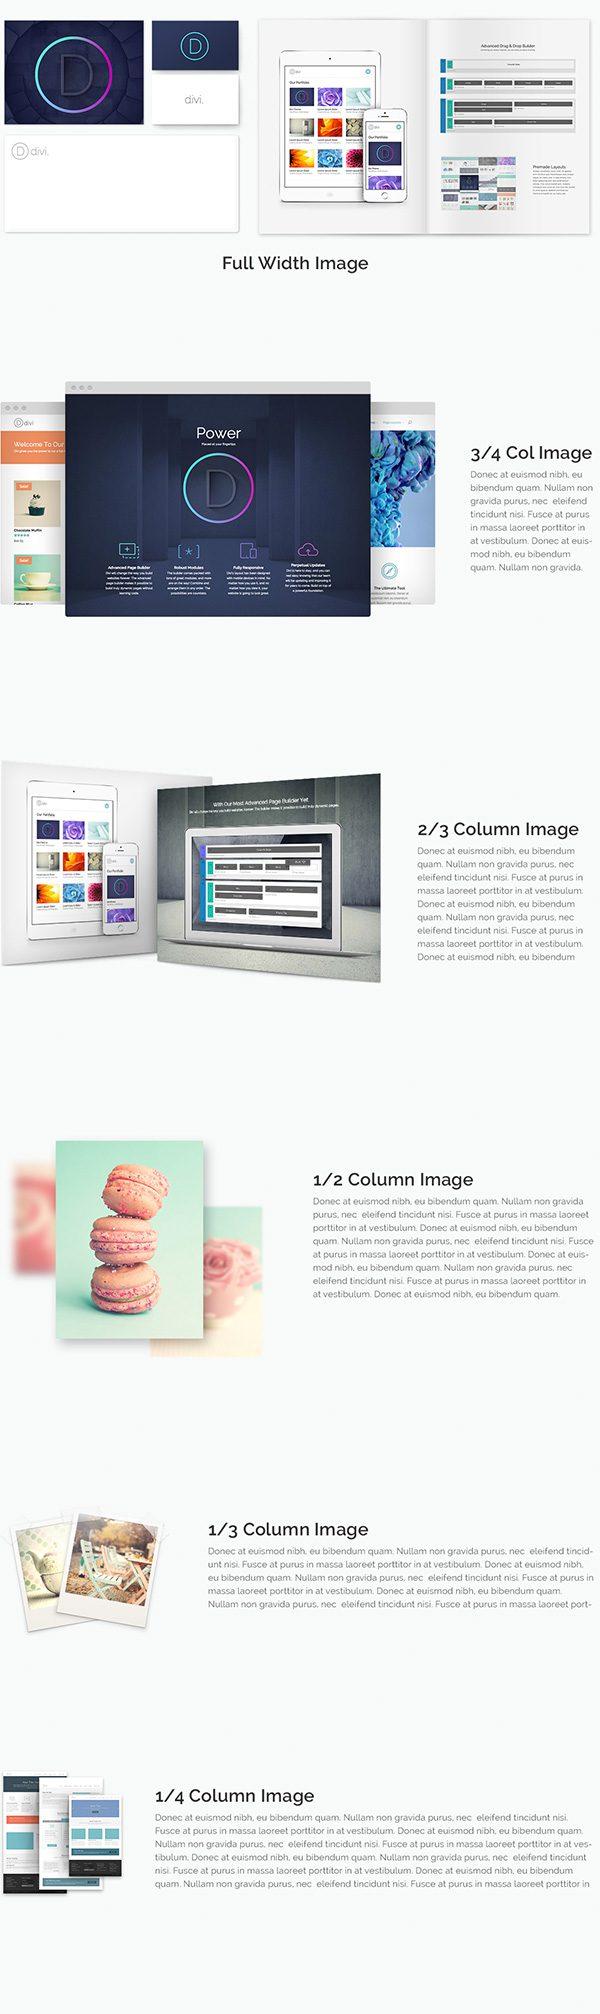 divi-image-samples